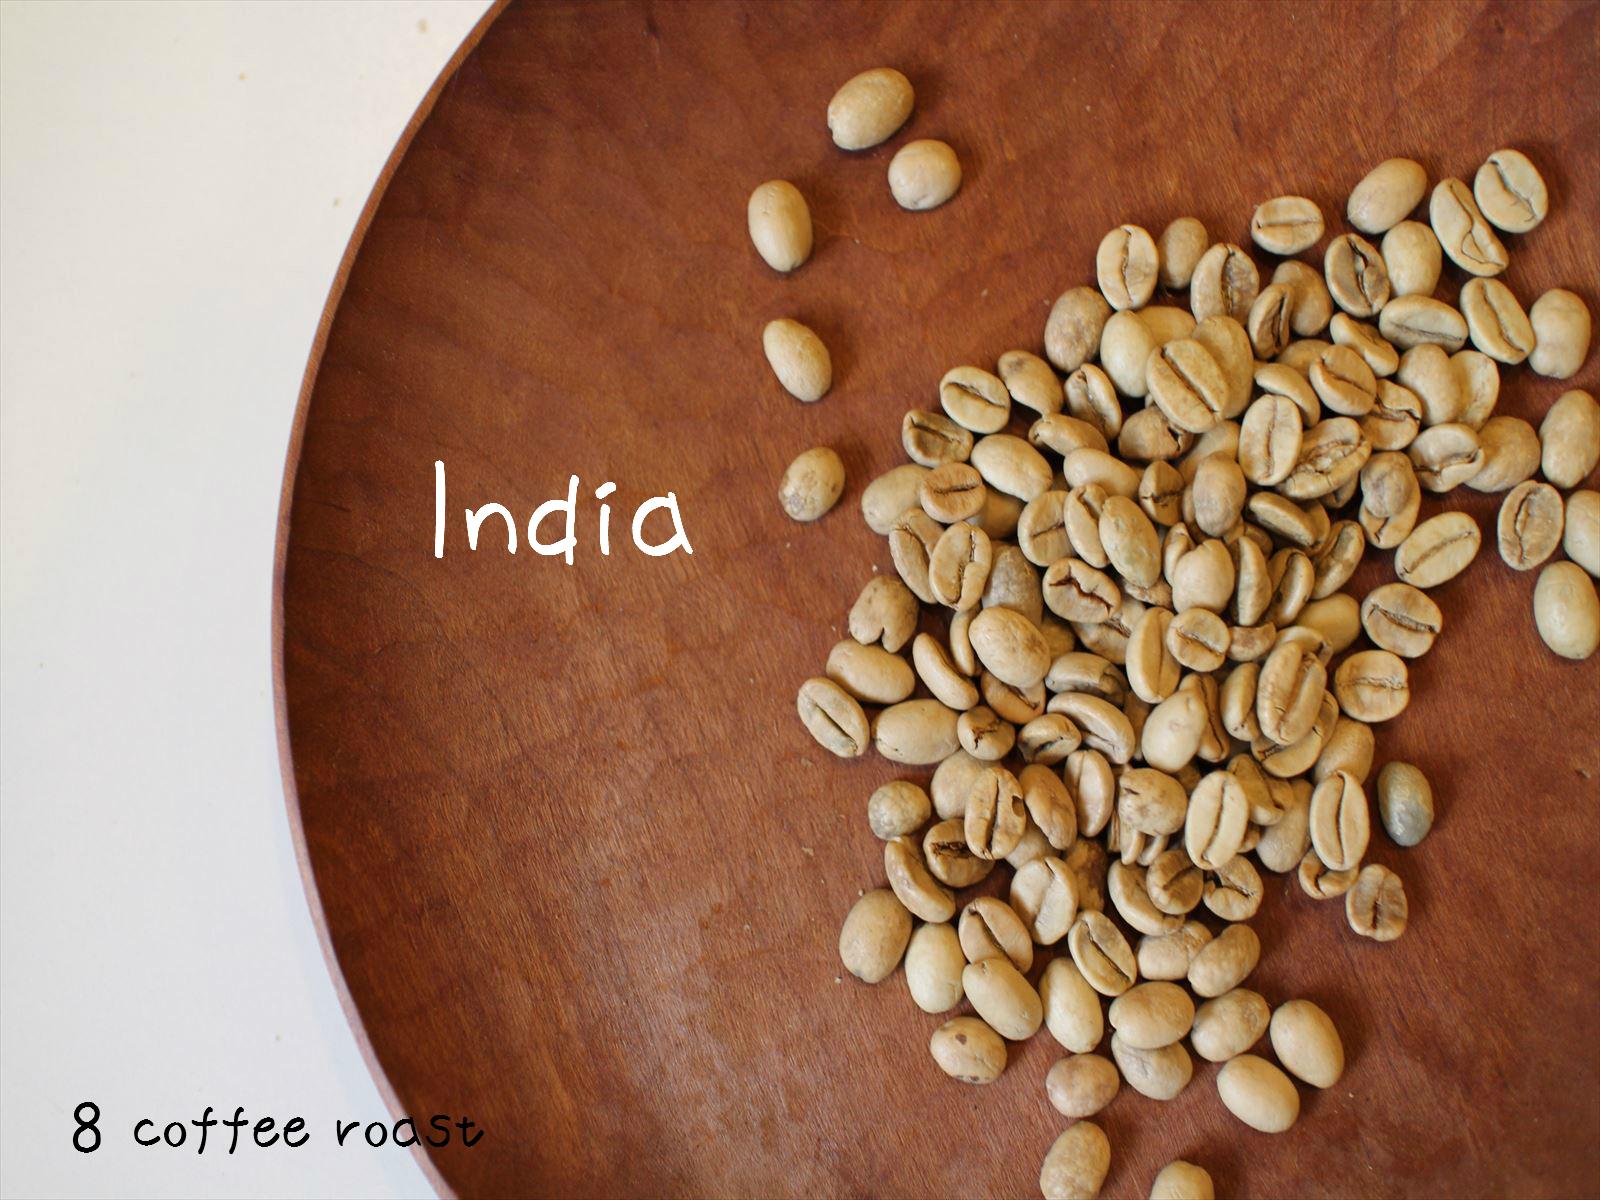 低廉 コーヒー生豆 信憑 インド モンスーン 内容量 50g